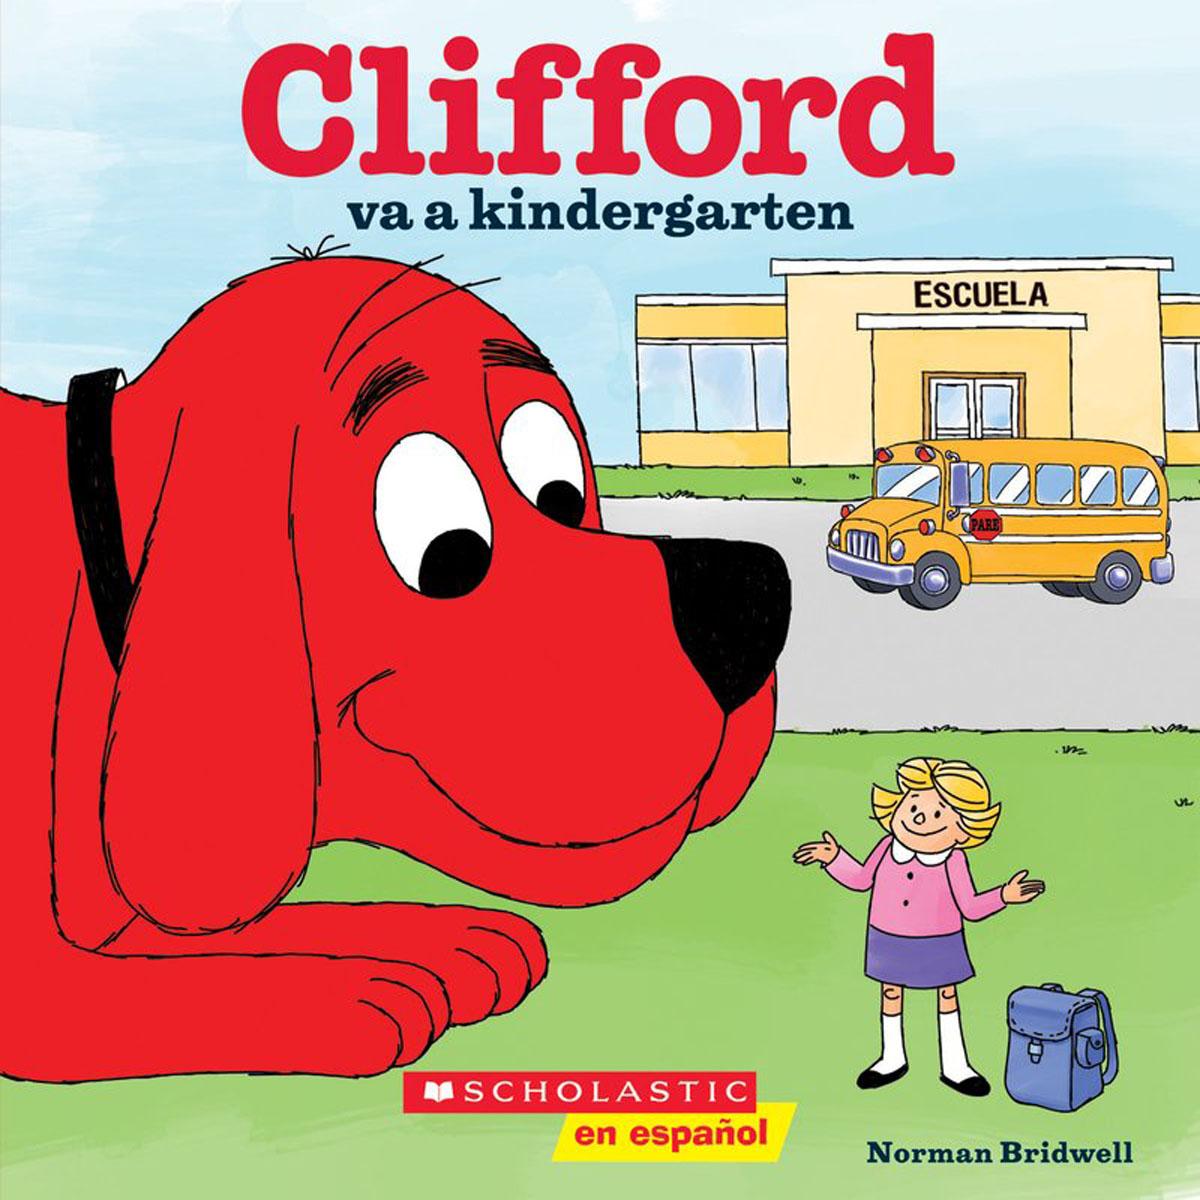 Clifford va a kindergarten maestra